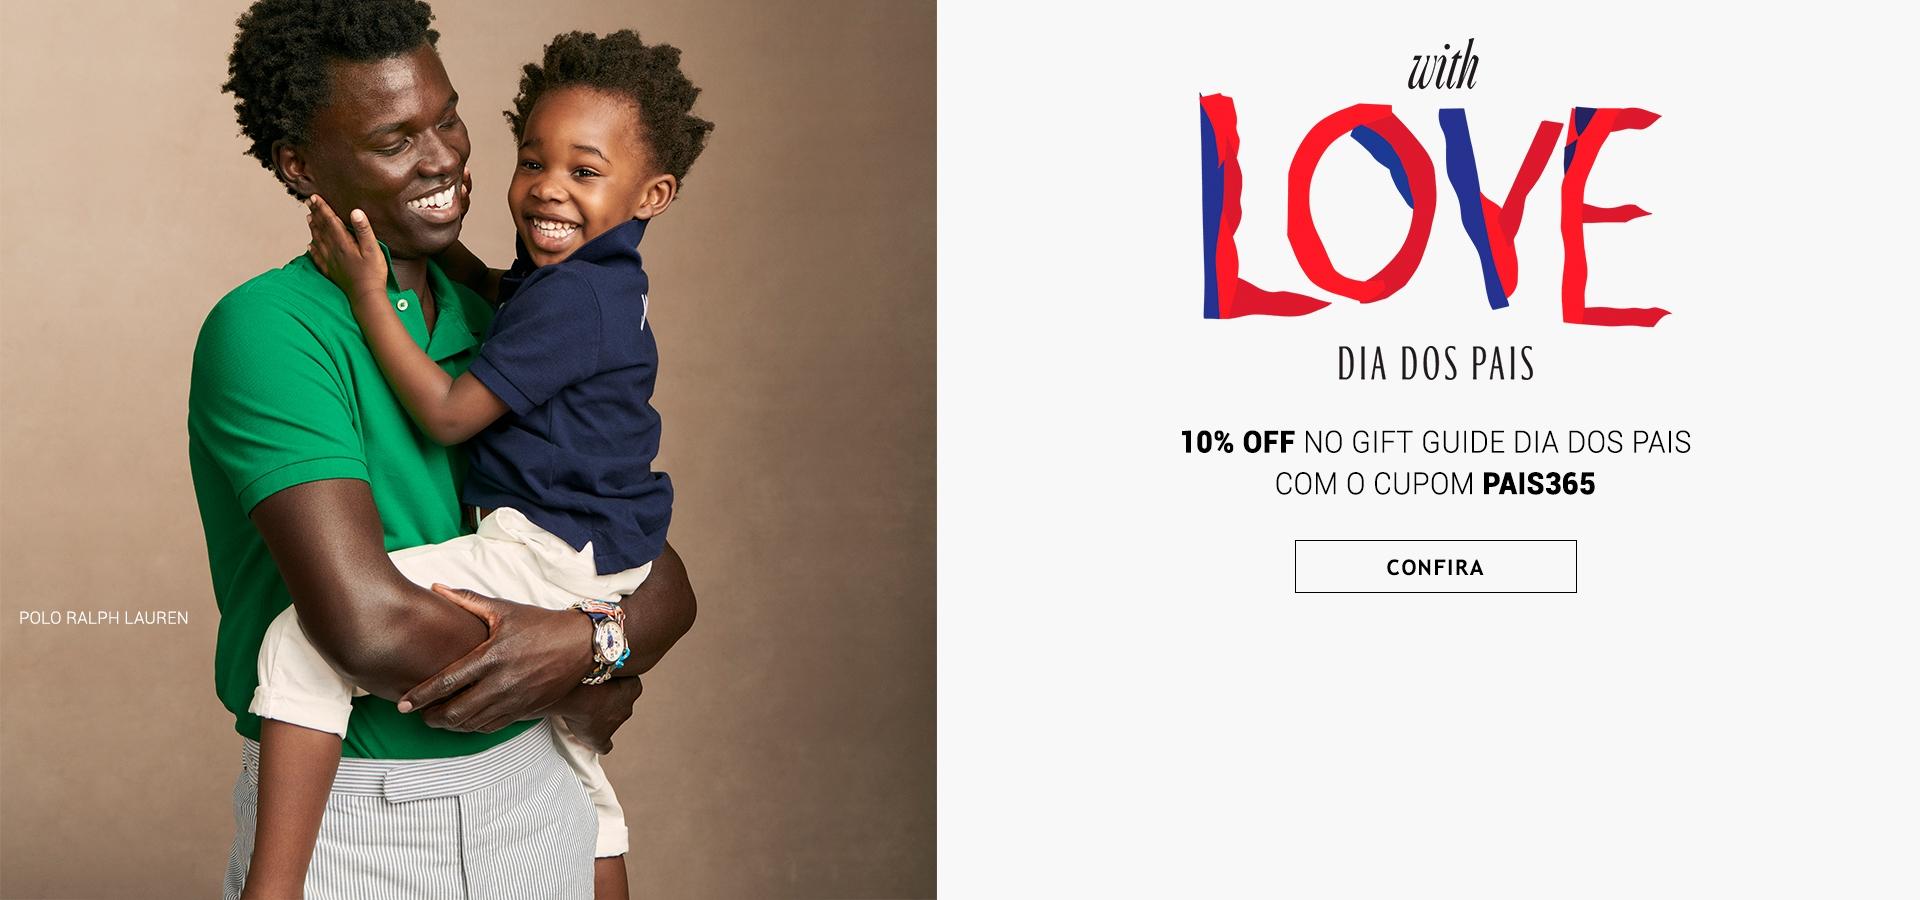 Moda masculina feminina acessórios moda de luxo melhoras marcas internacionais nacionais com desconto 10% OFF. Presentes Dia dos Pais 2021 Tendência Gift Guide Brasil Online